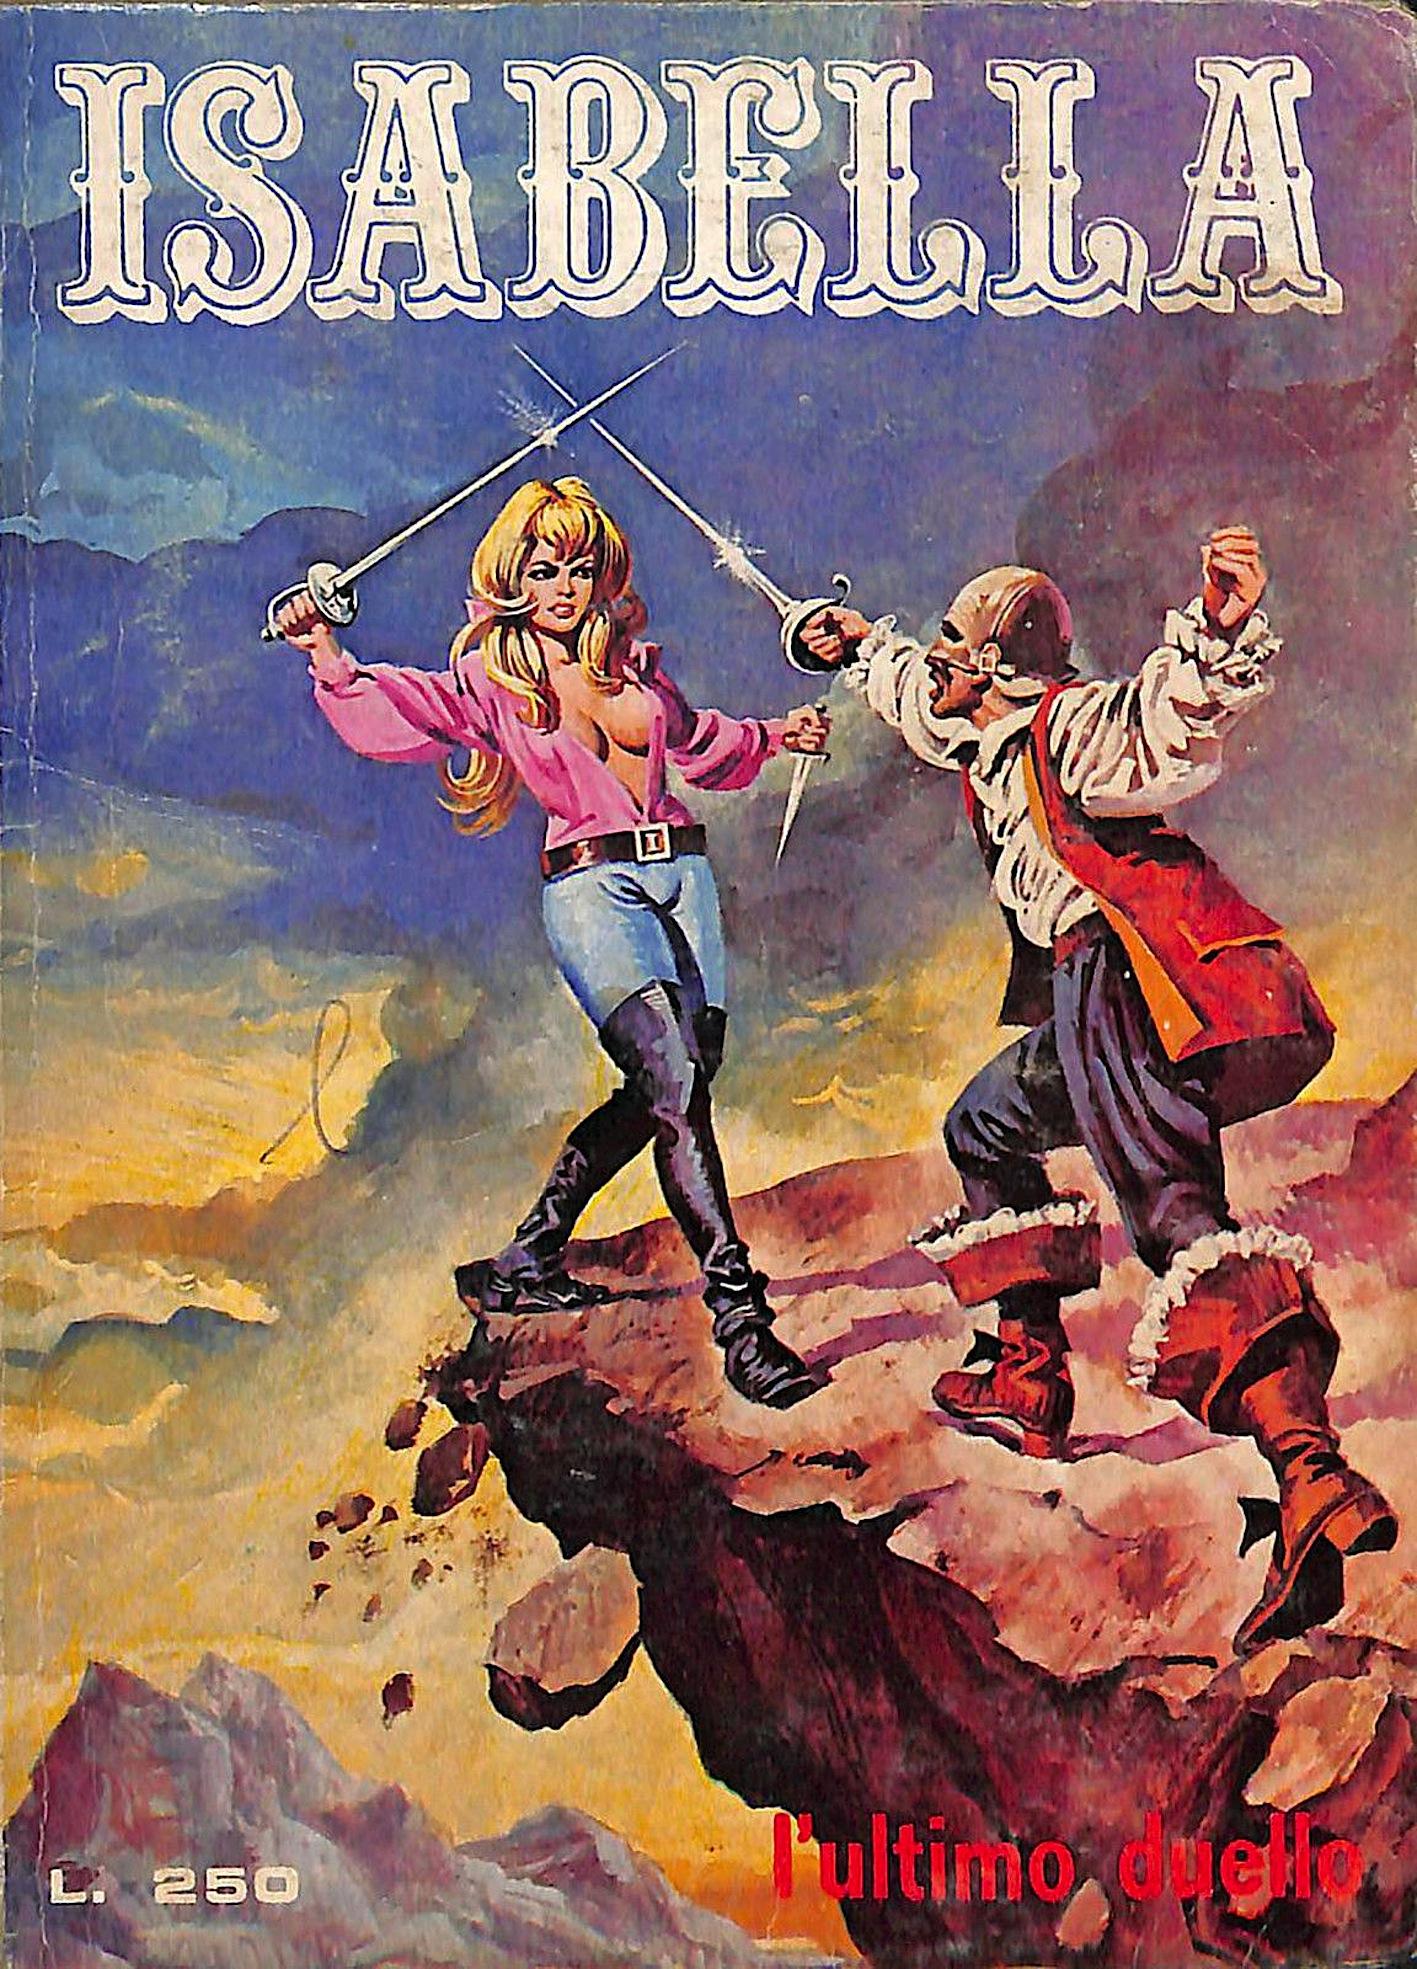 film ose anni 70 dating gratuito